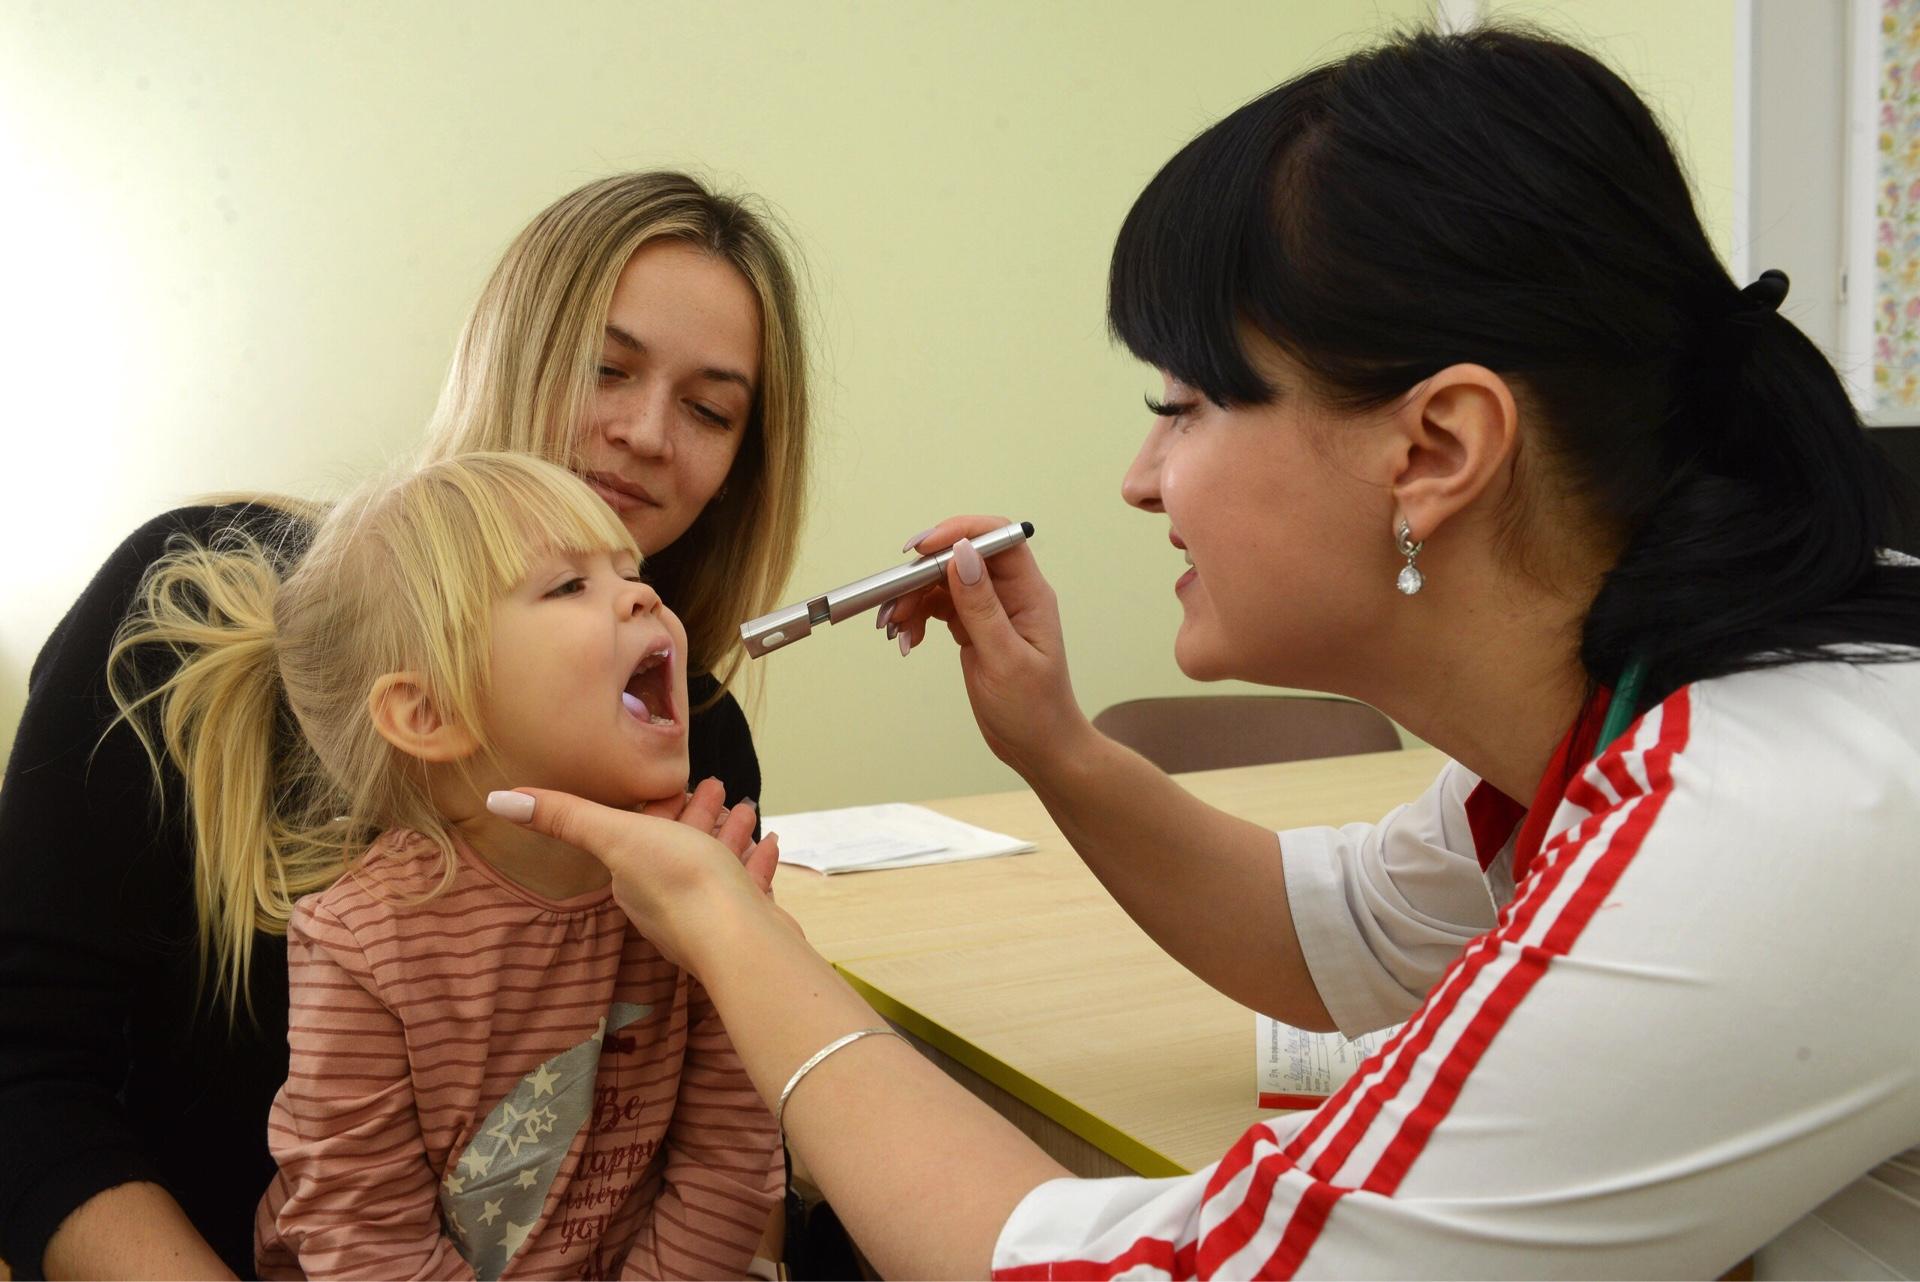 Режим подготовки к сезону вирусных инфекций включен!